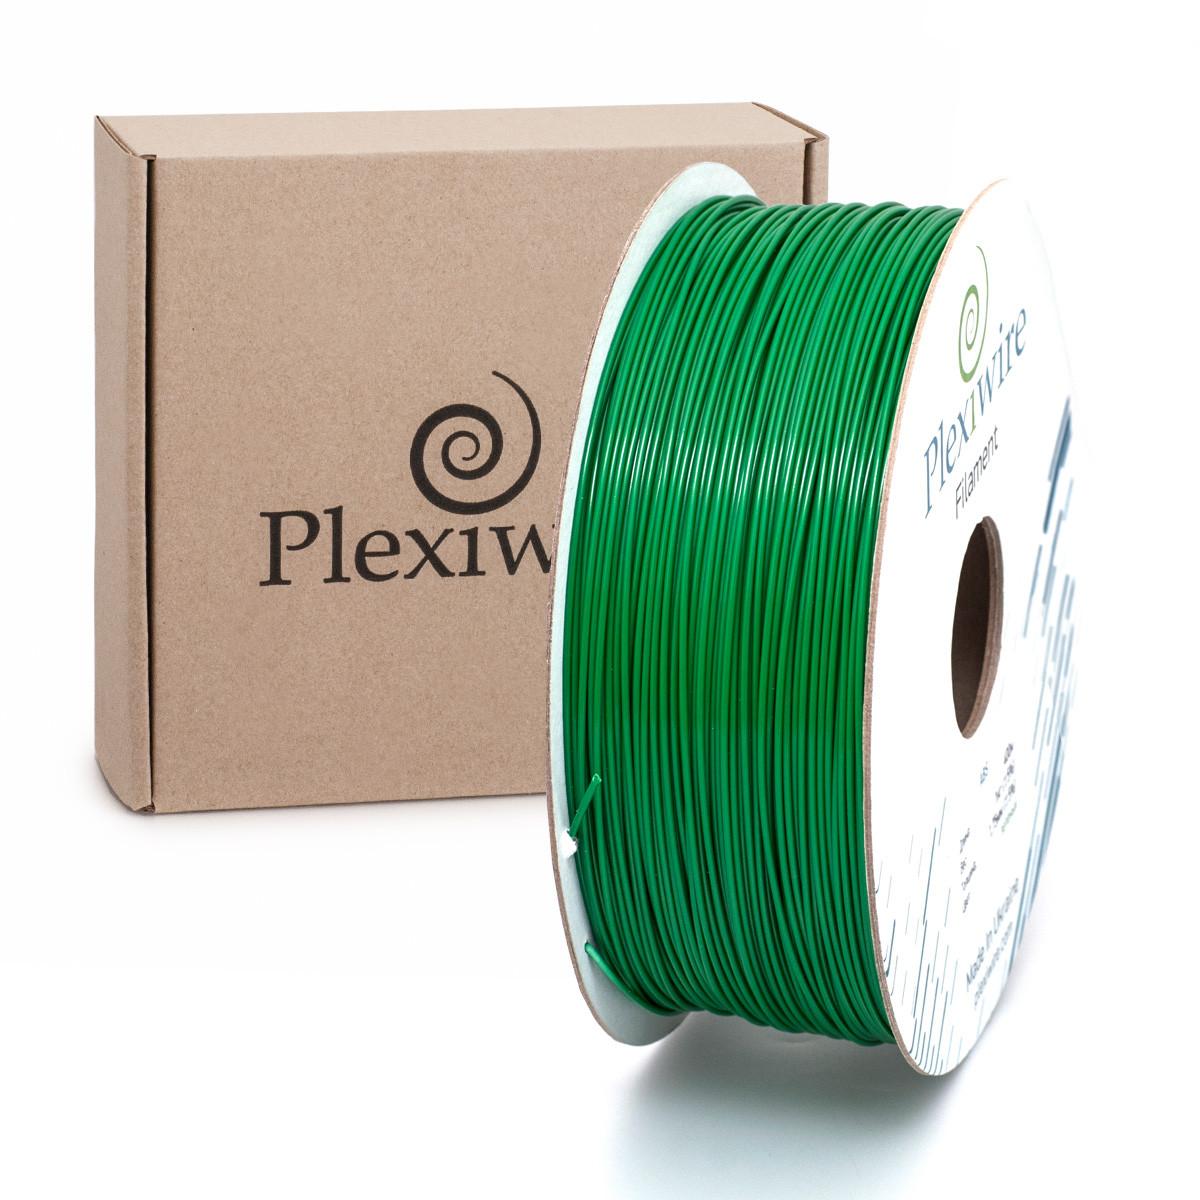 Пластик в котушці PETG 1,2 кг/400 м, Plexiwire, Зелений